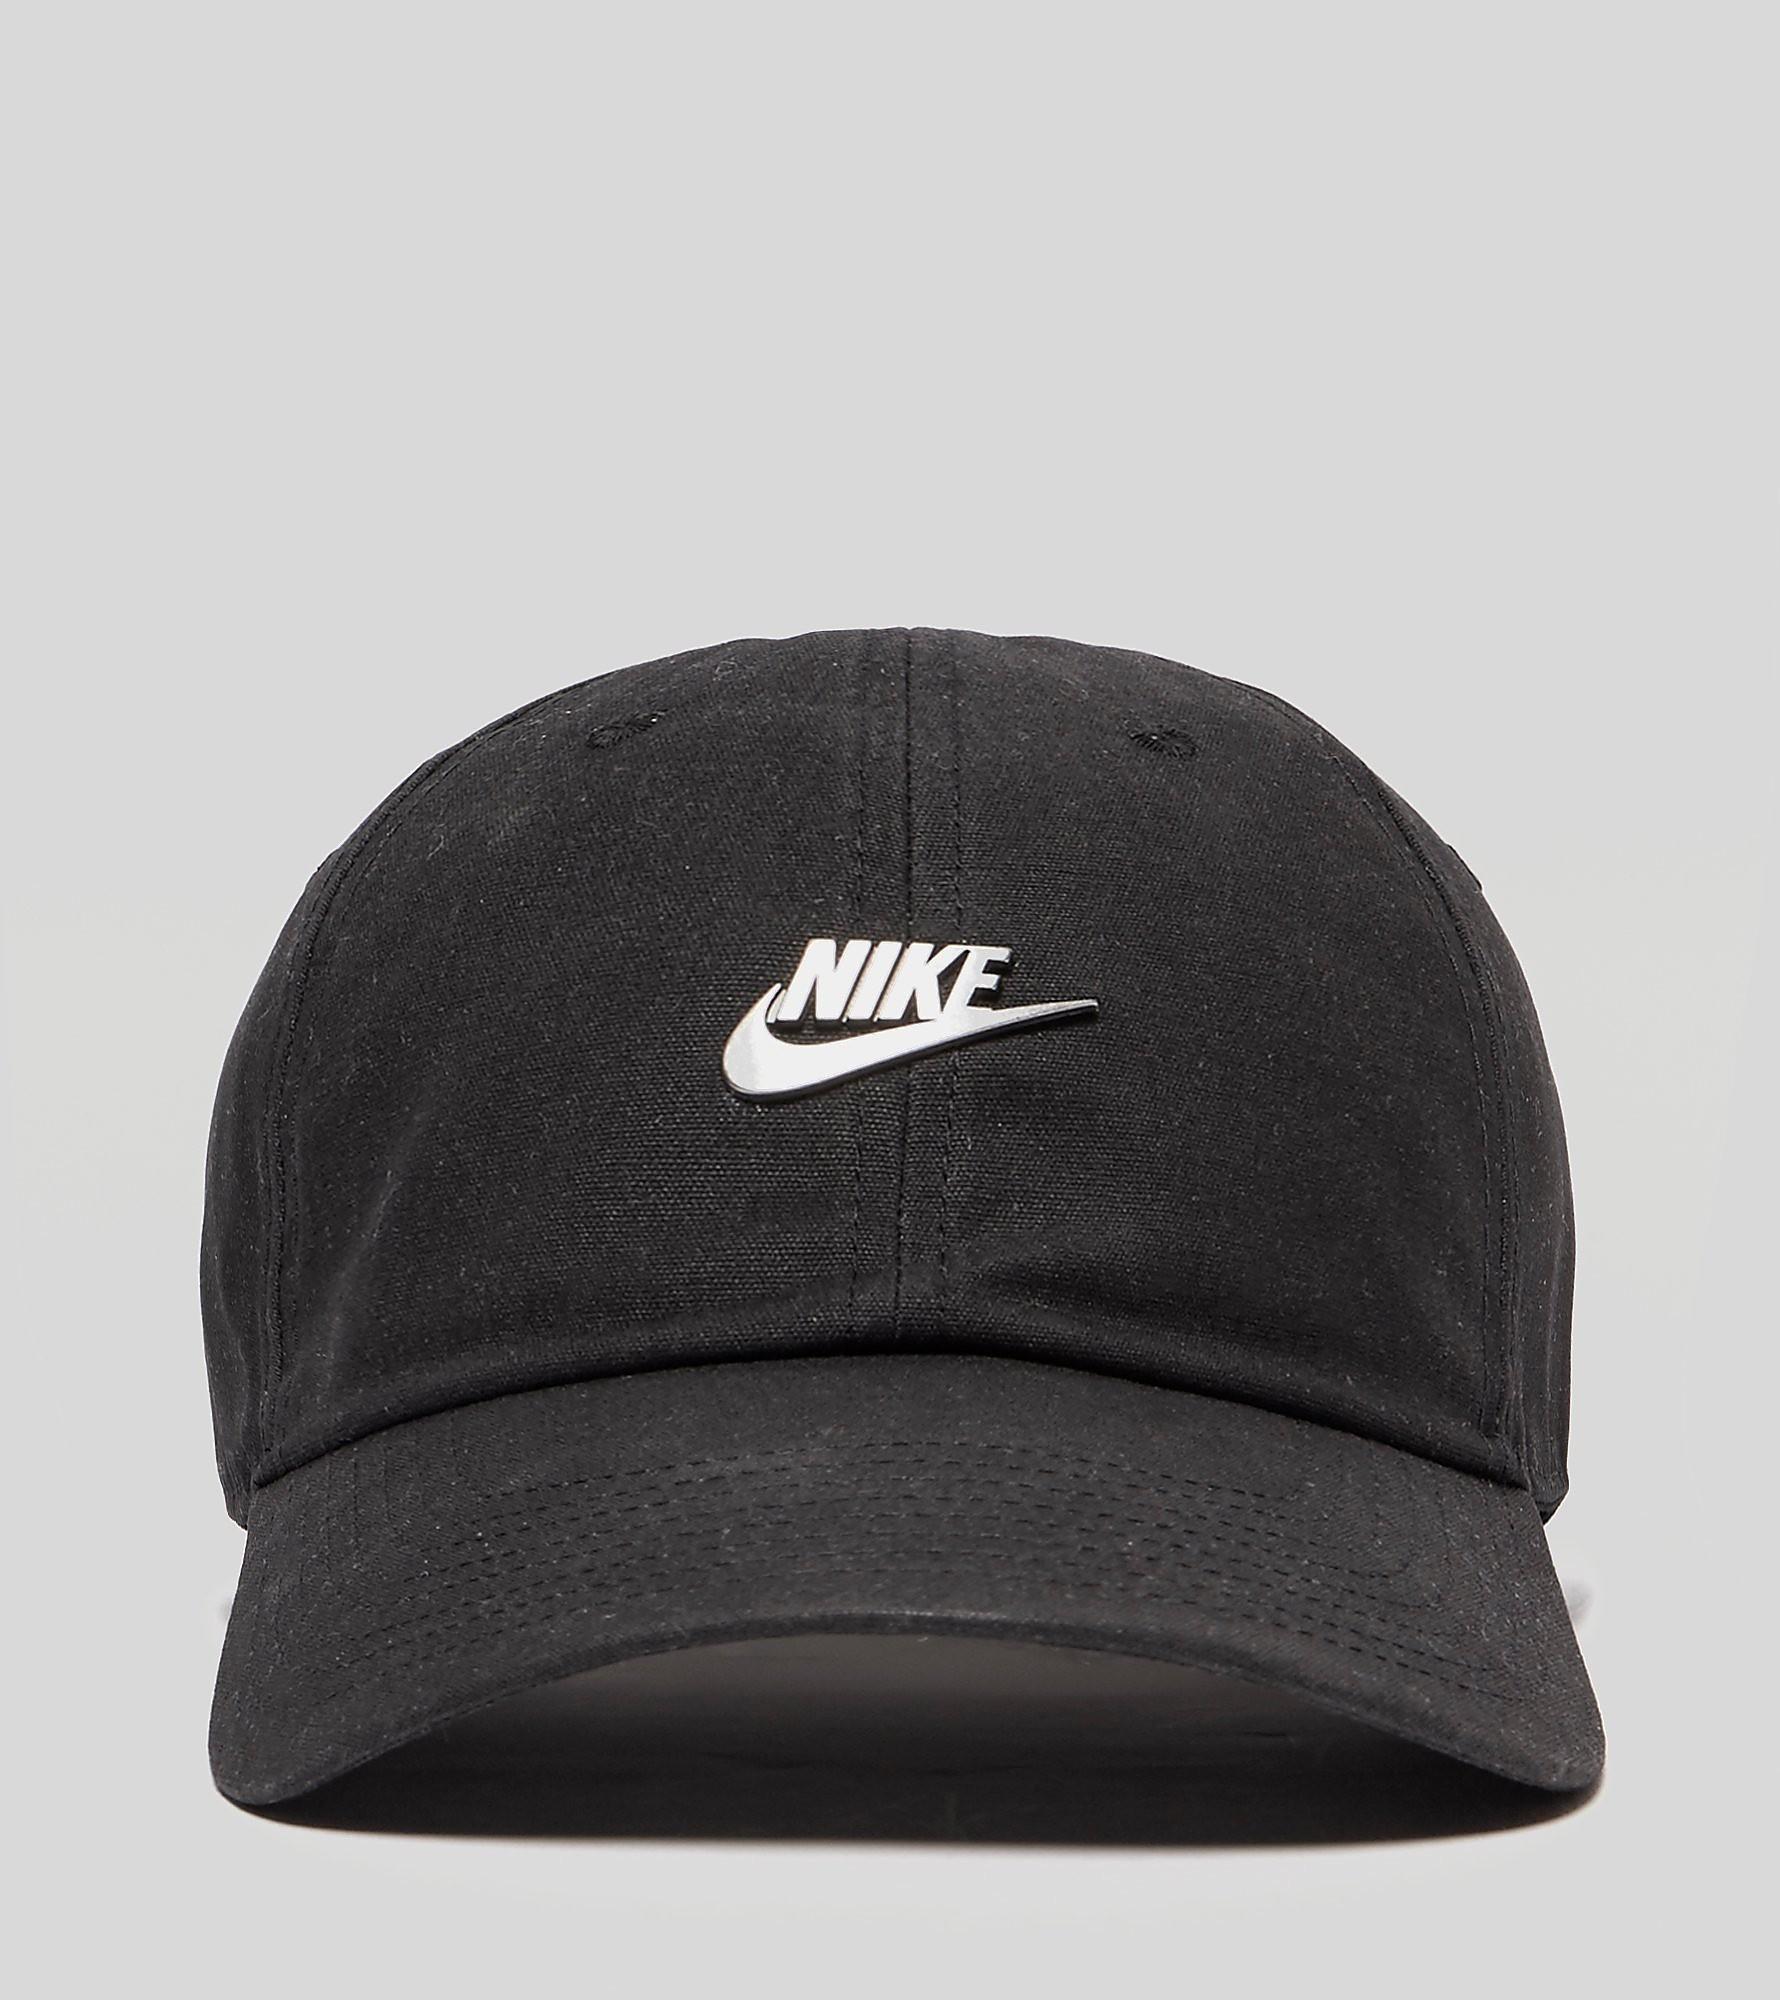 Nike Hook Cap